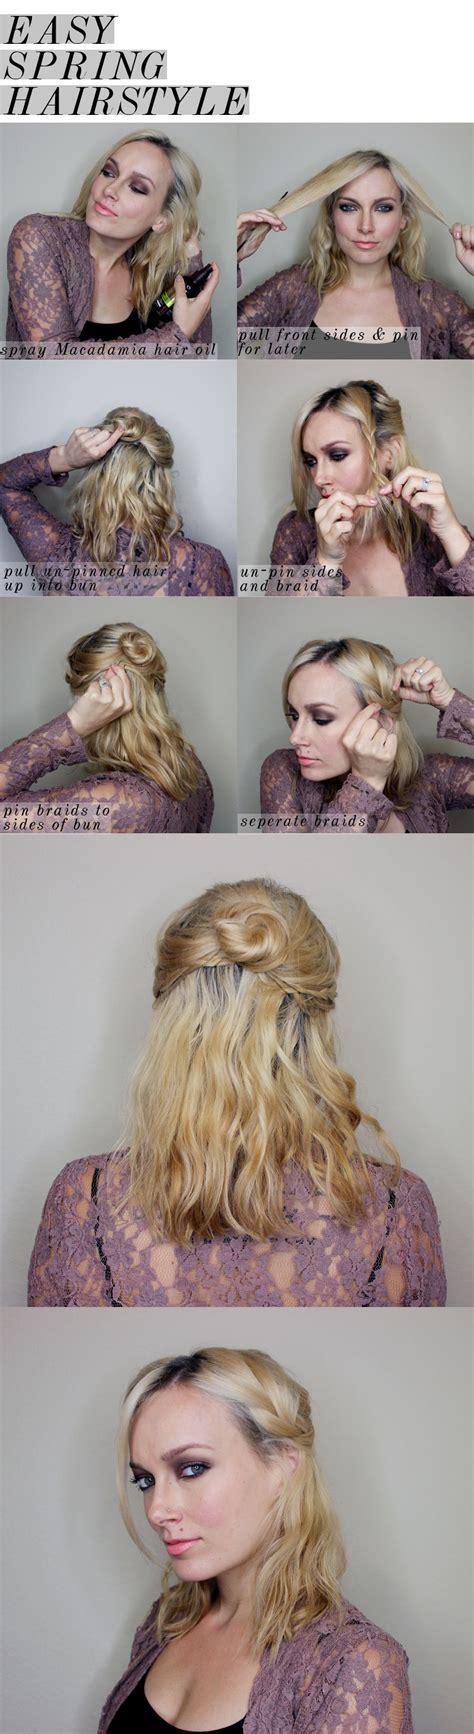 easy spring half updo for medium length hair half updo